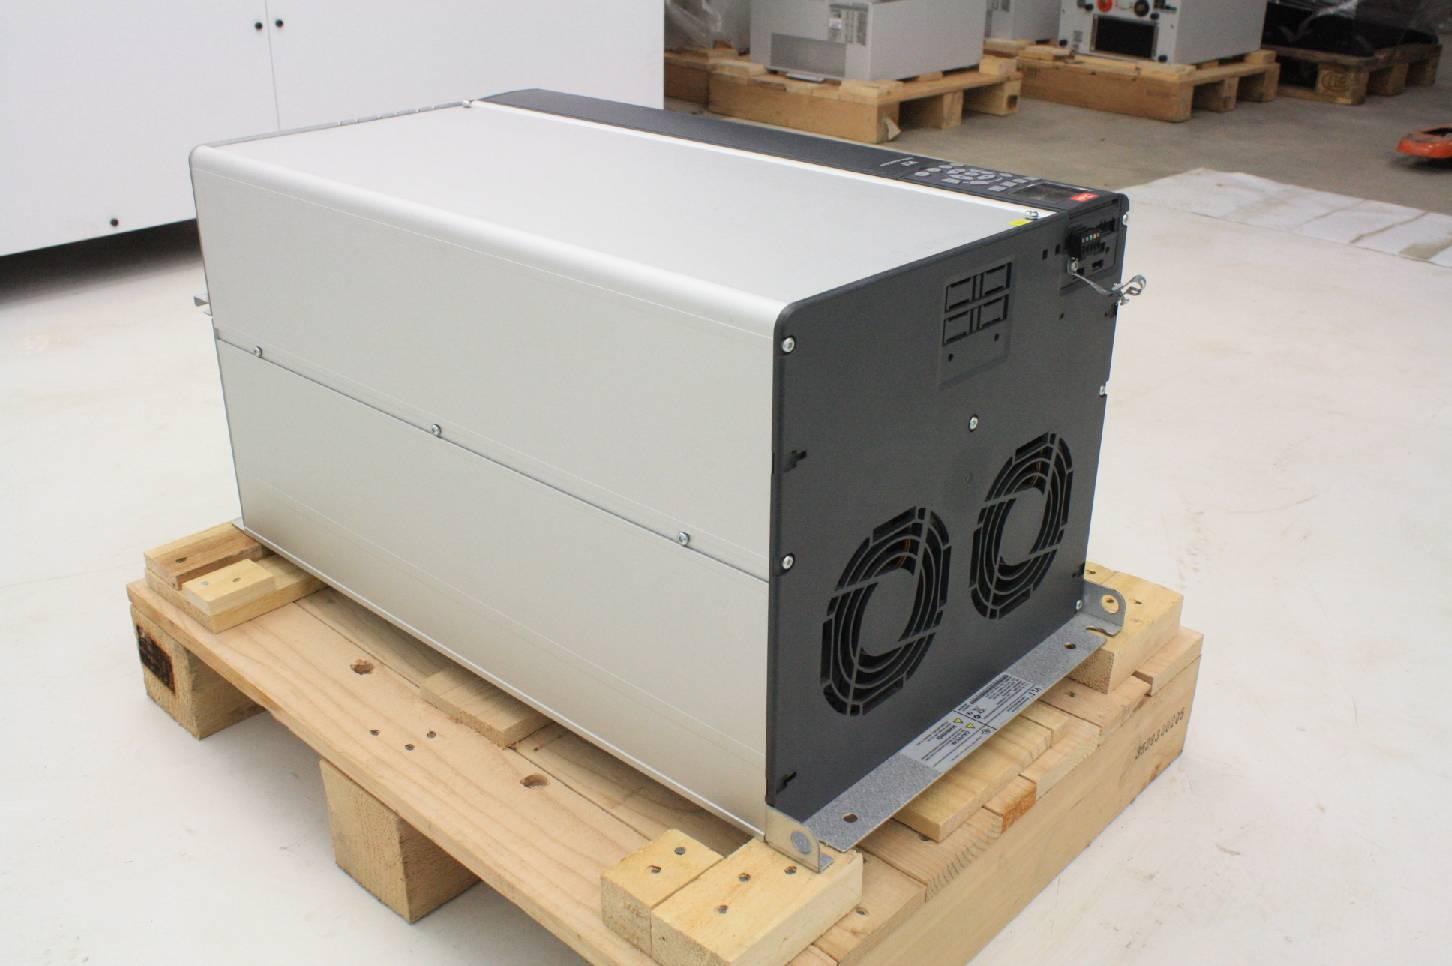 Danfoss 131h3969 Fc 302 Vlt Series Motor Inverter Drive